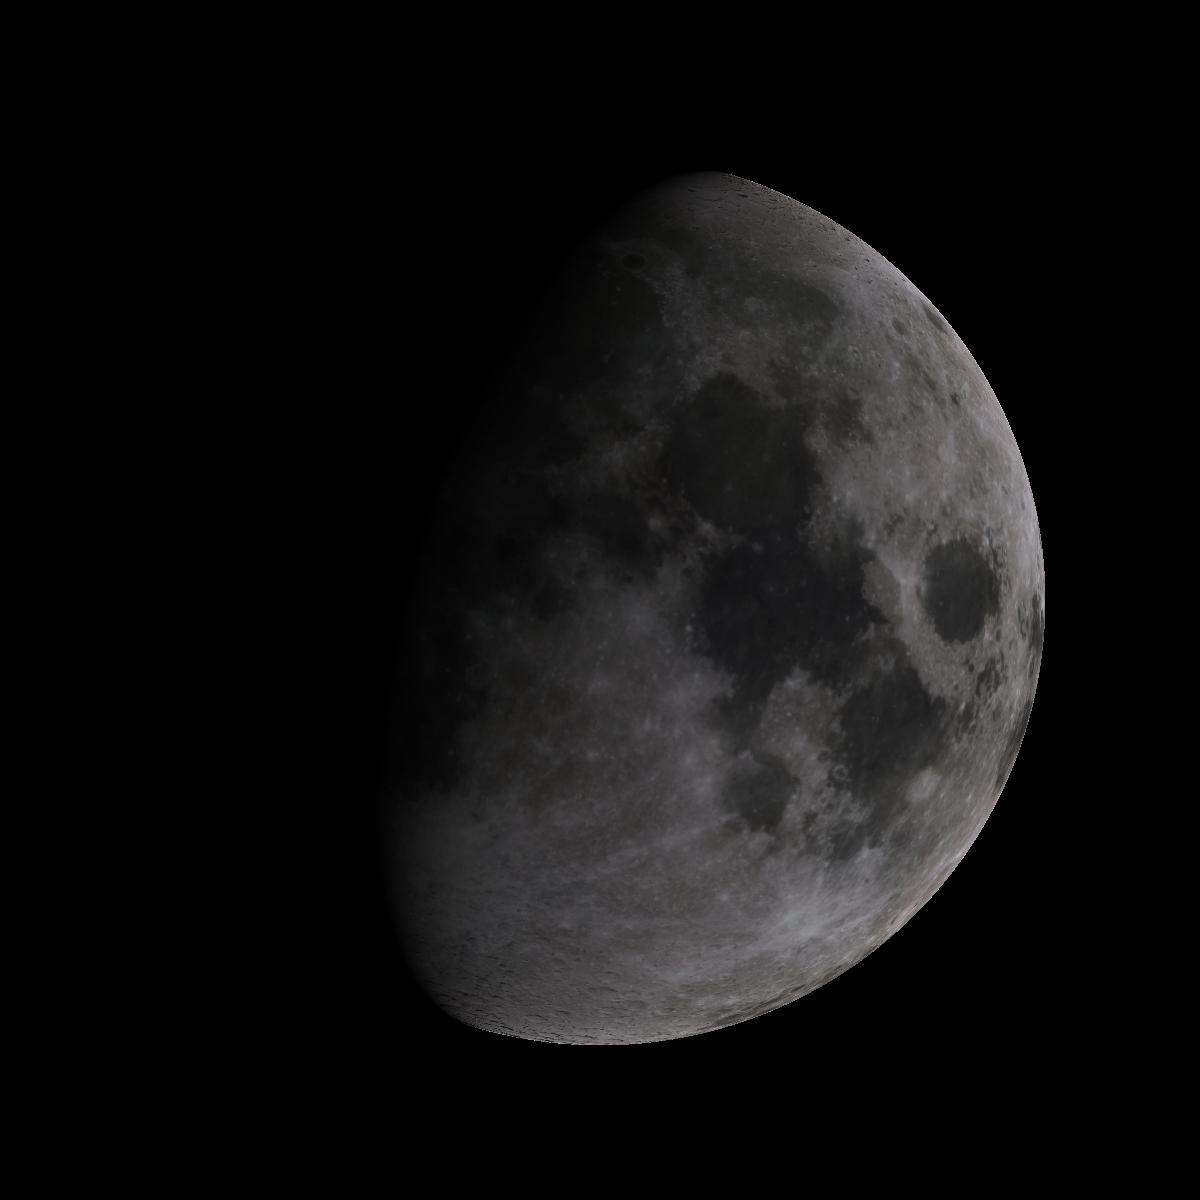 Lune du 8 octobre 2019